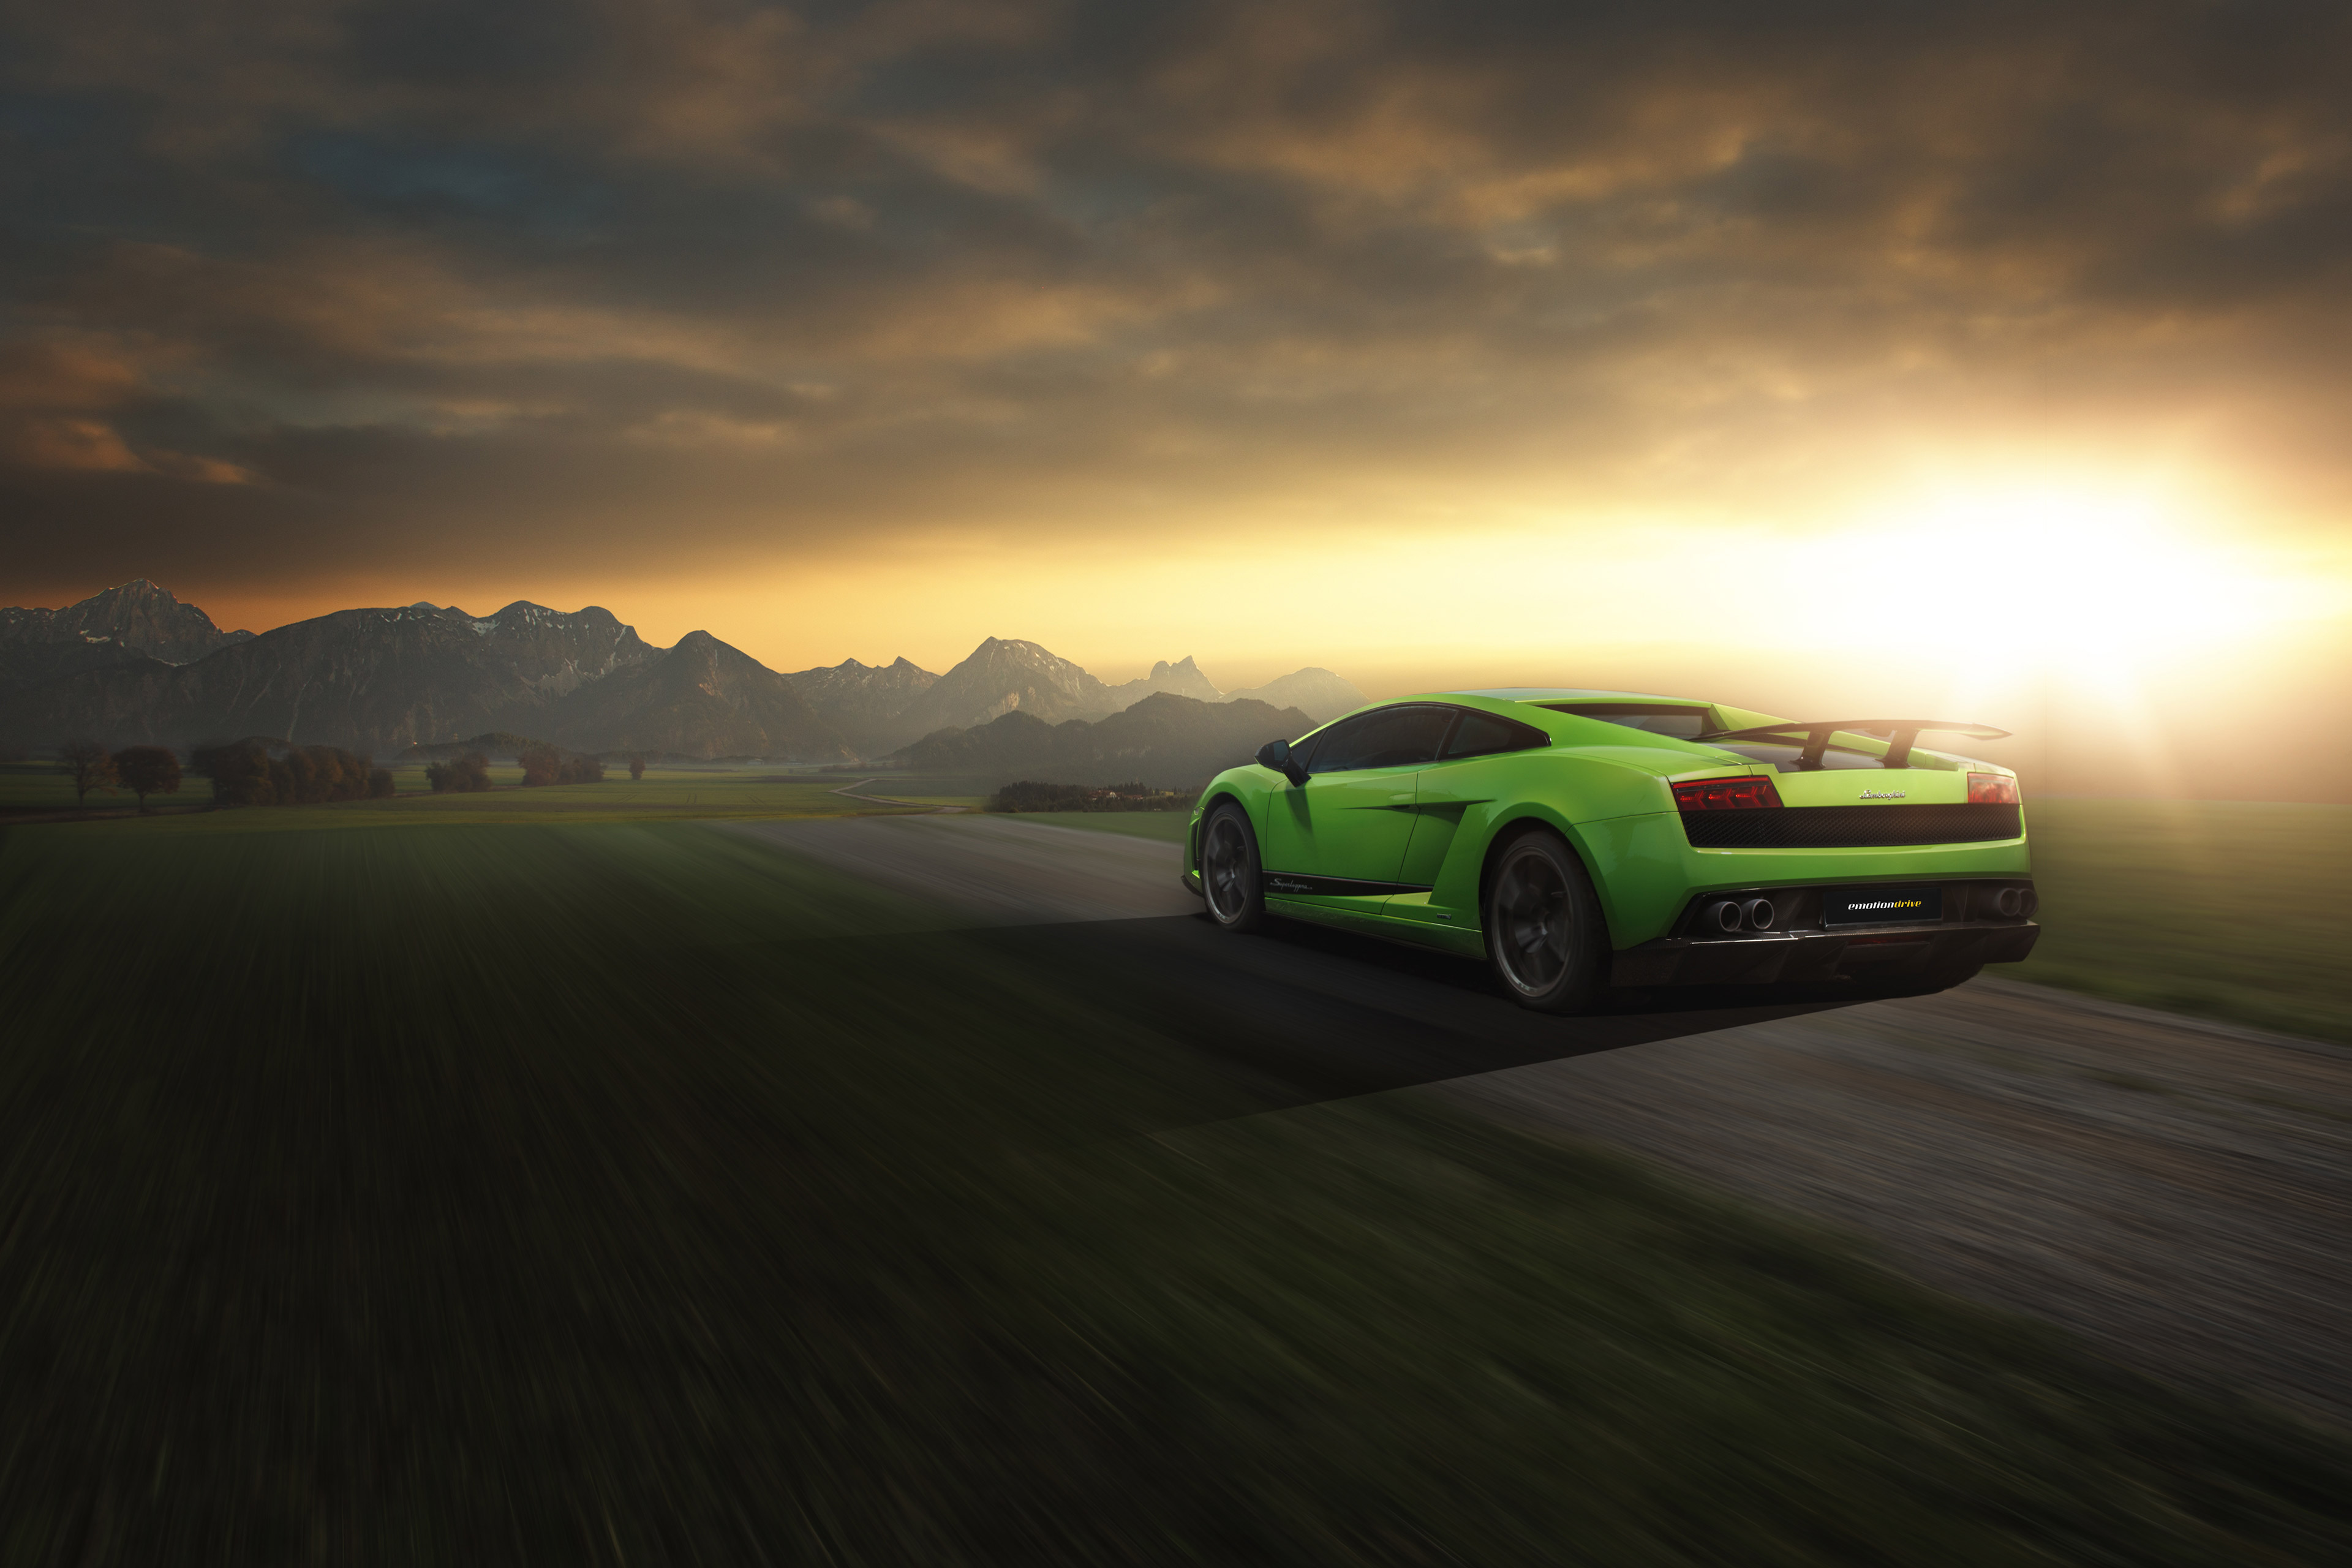 Delicieux Lamborghini Gallardo Superleggera 4k